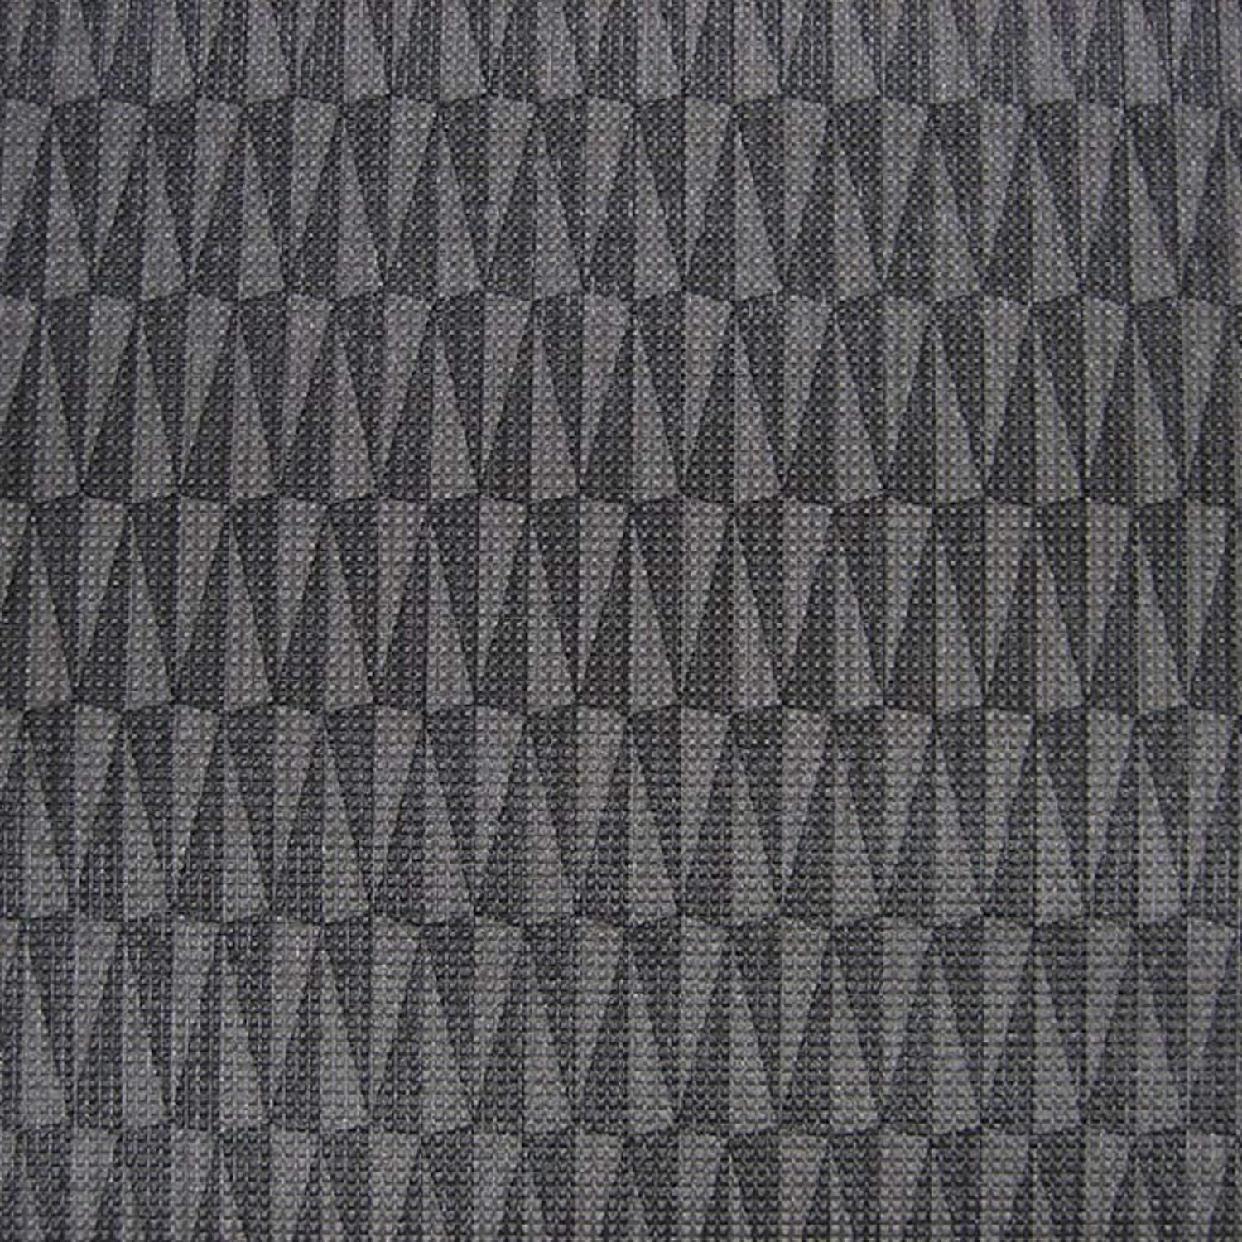 waise(ワイズ)備長炭配合 システムキッチンの汚れを防ぐシート 45cmの商品画像2